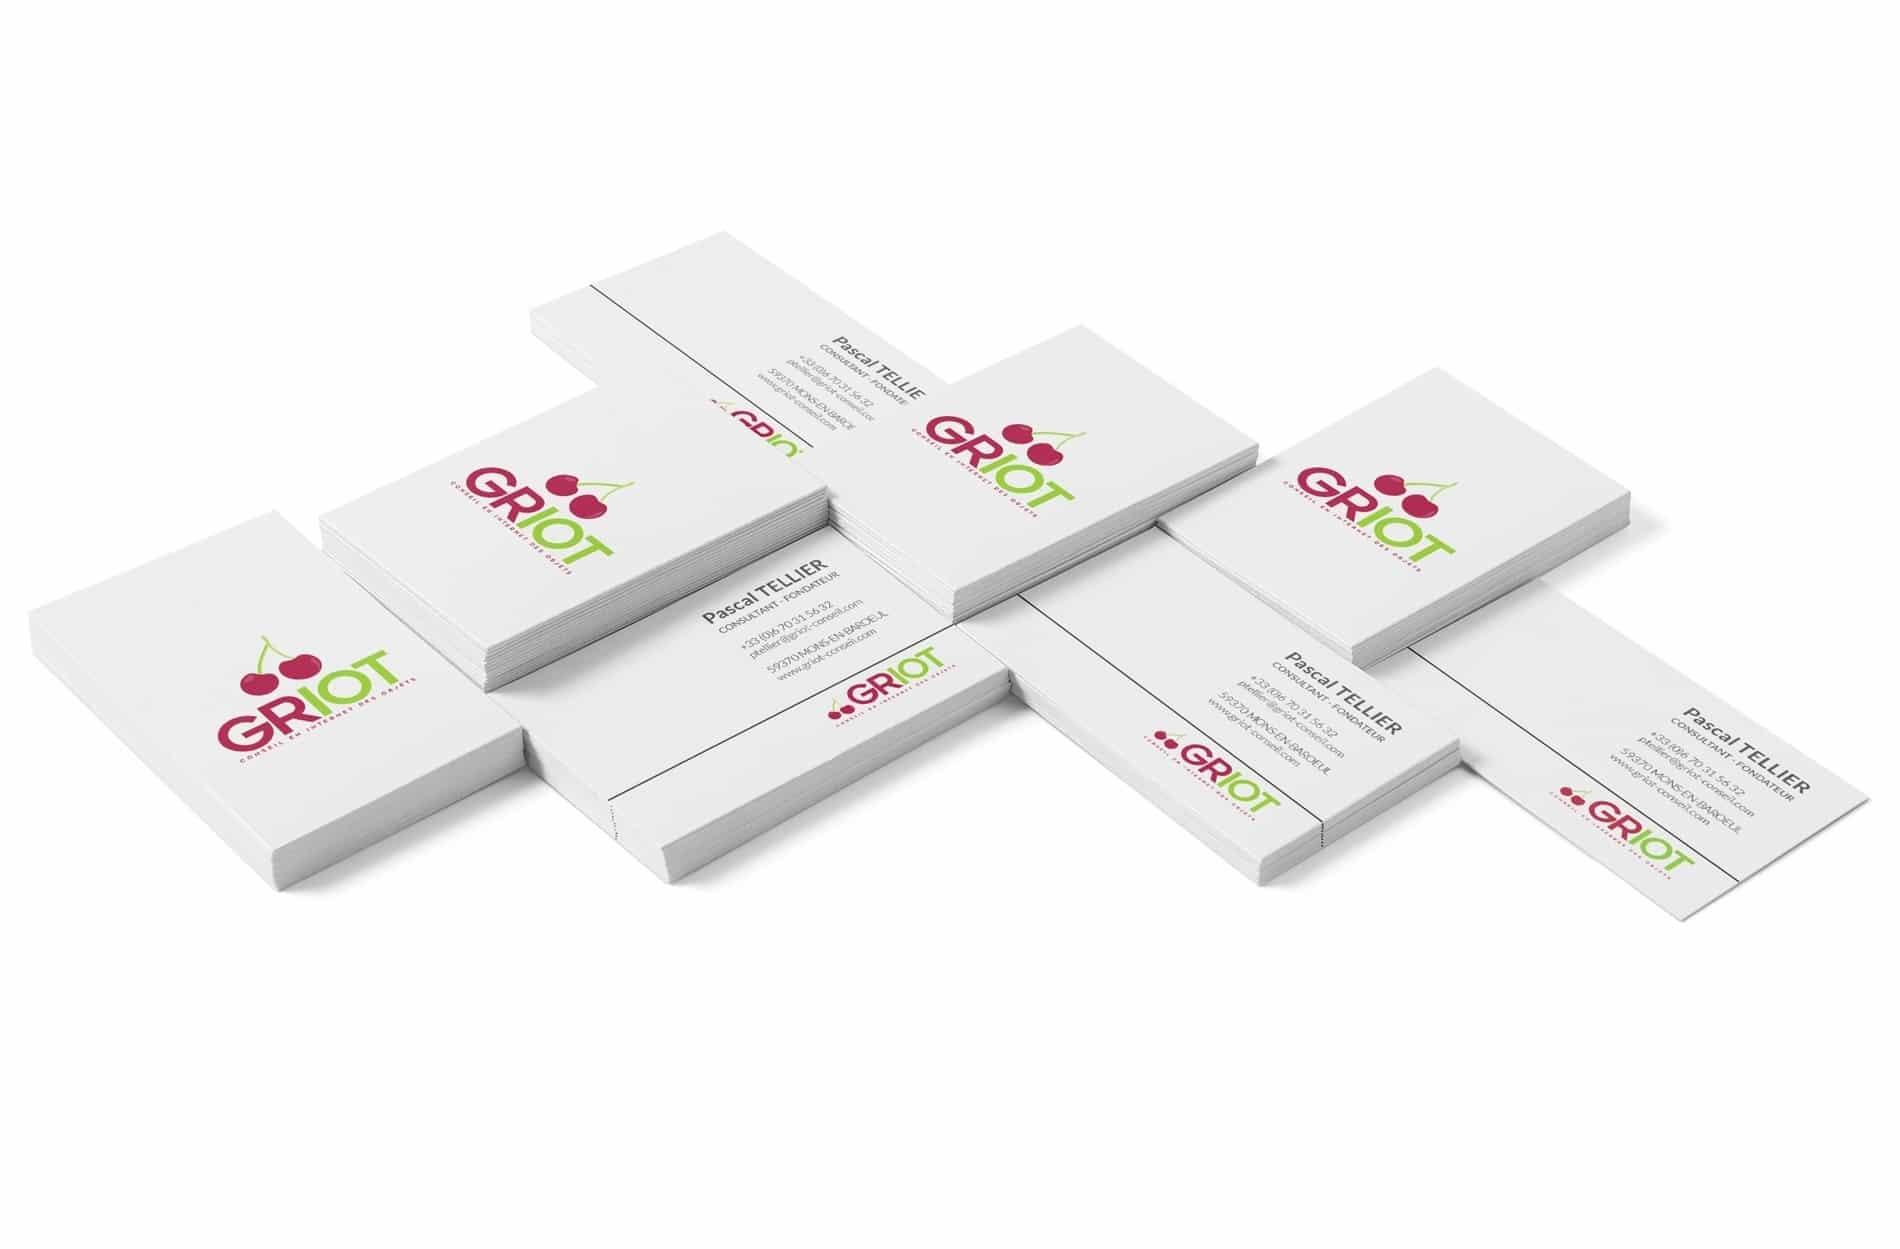 Création cartes de visites Lille - GRIOT